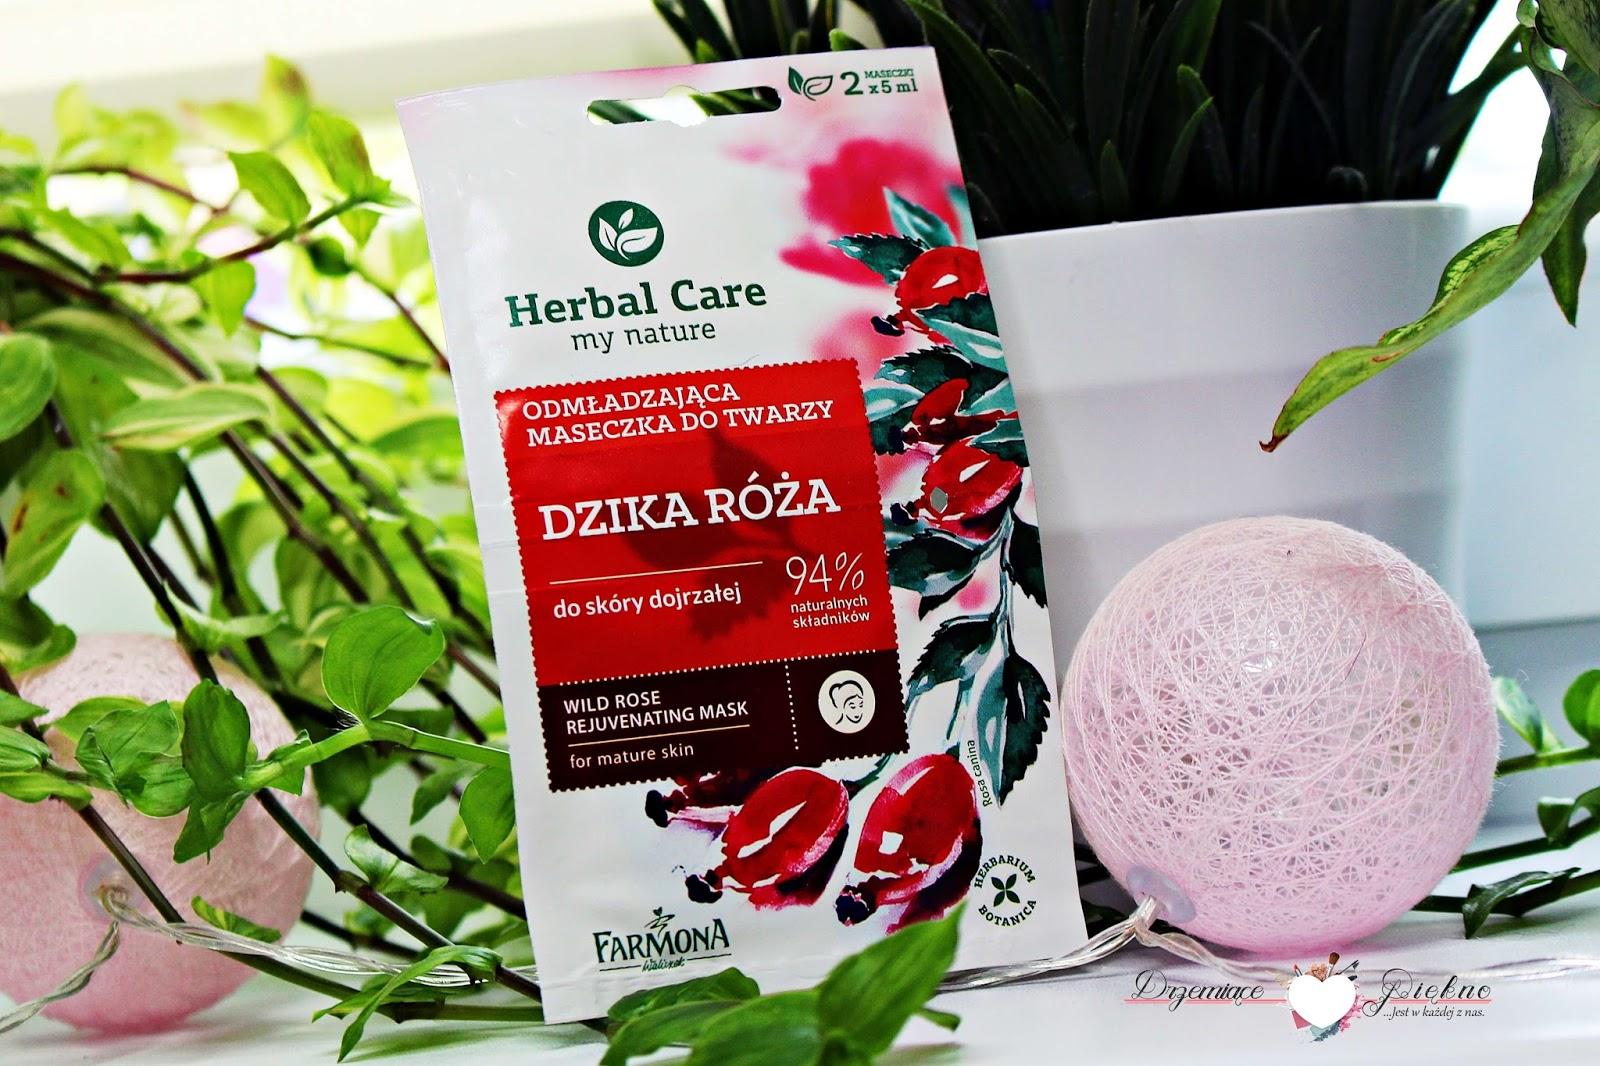 ShinyBox Pretty Happy You - maj 2017 | Zawartość - opinie | Herbal Care odmładzająca maseczka do twarzy z dziką różą